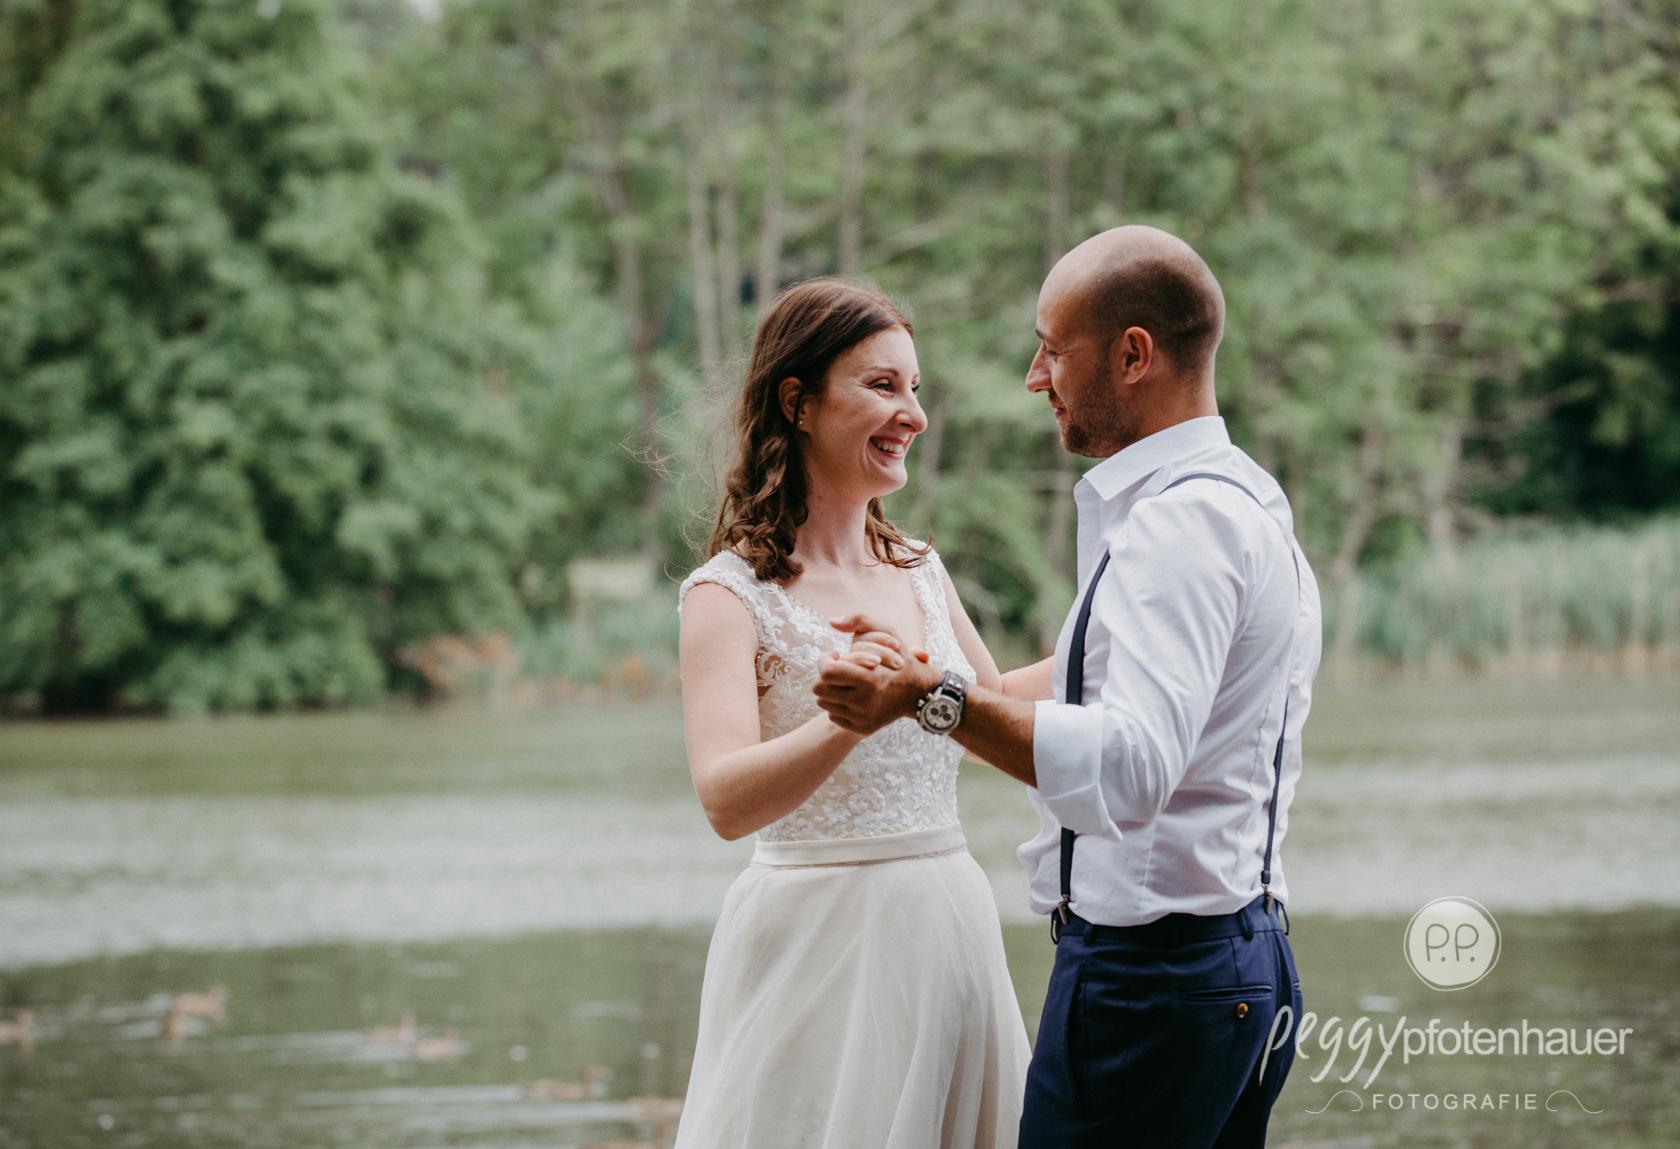 Hochzeitsfotografie Peggy Pfotenhauer